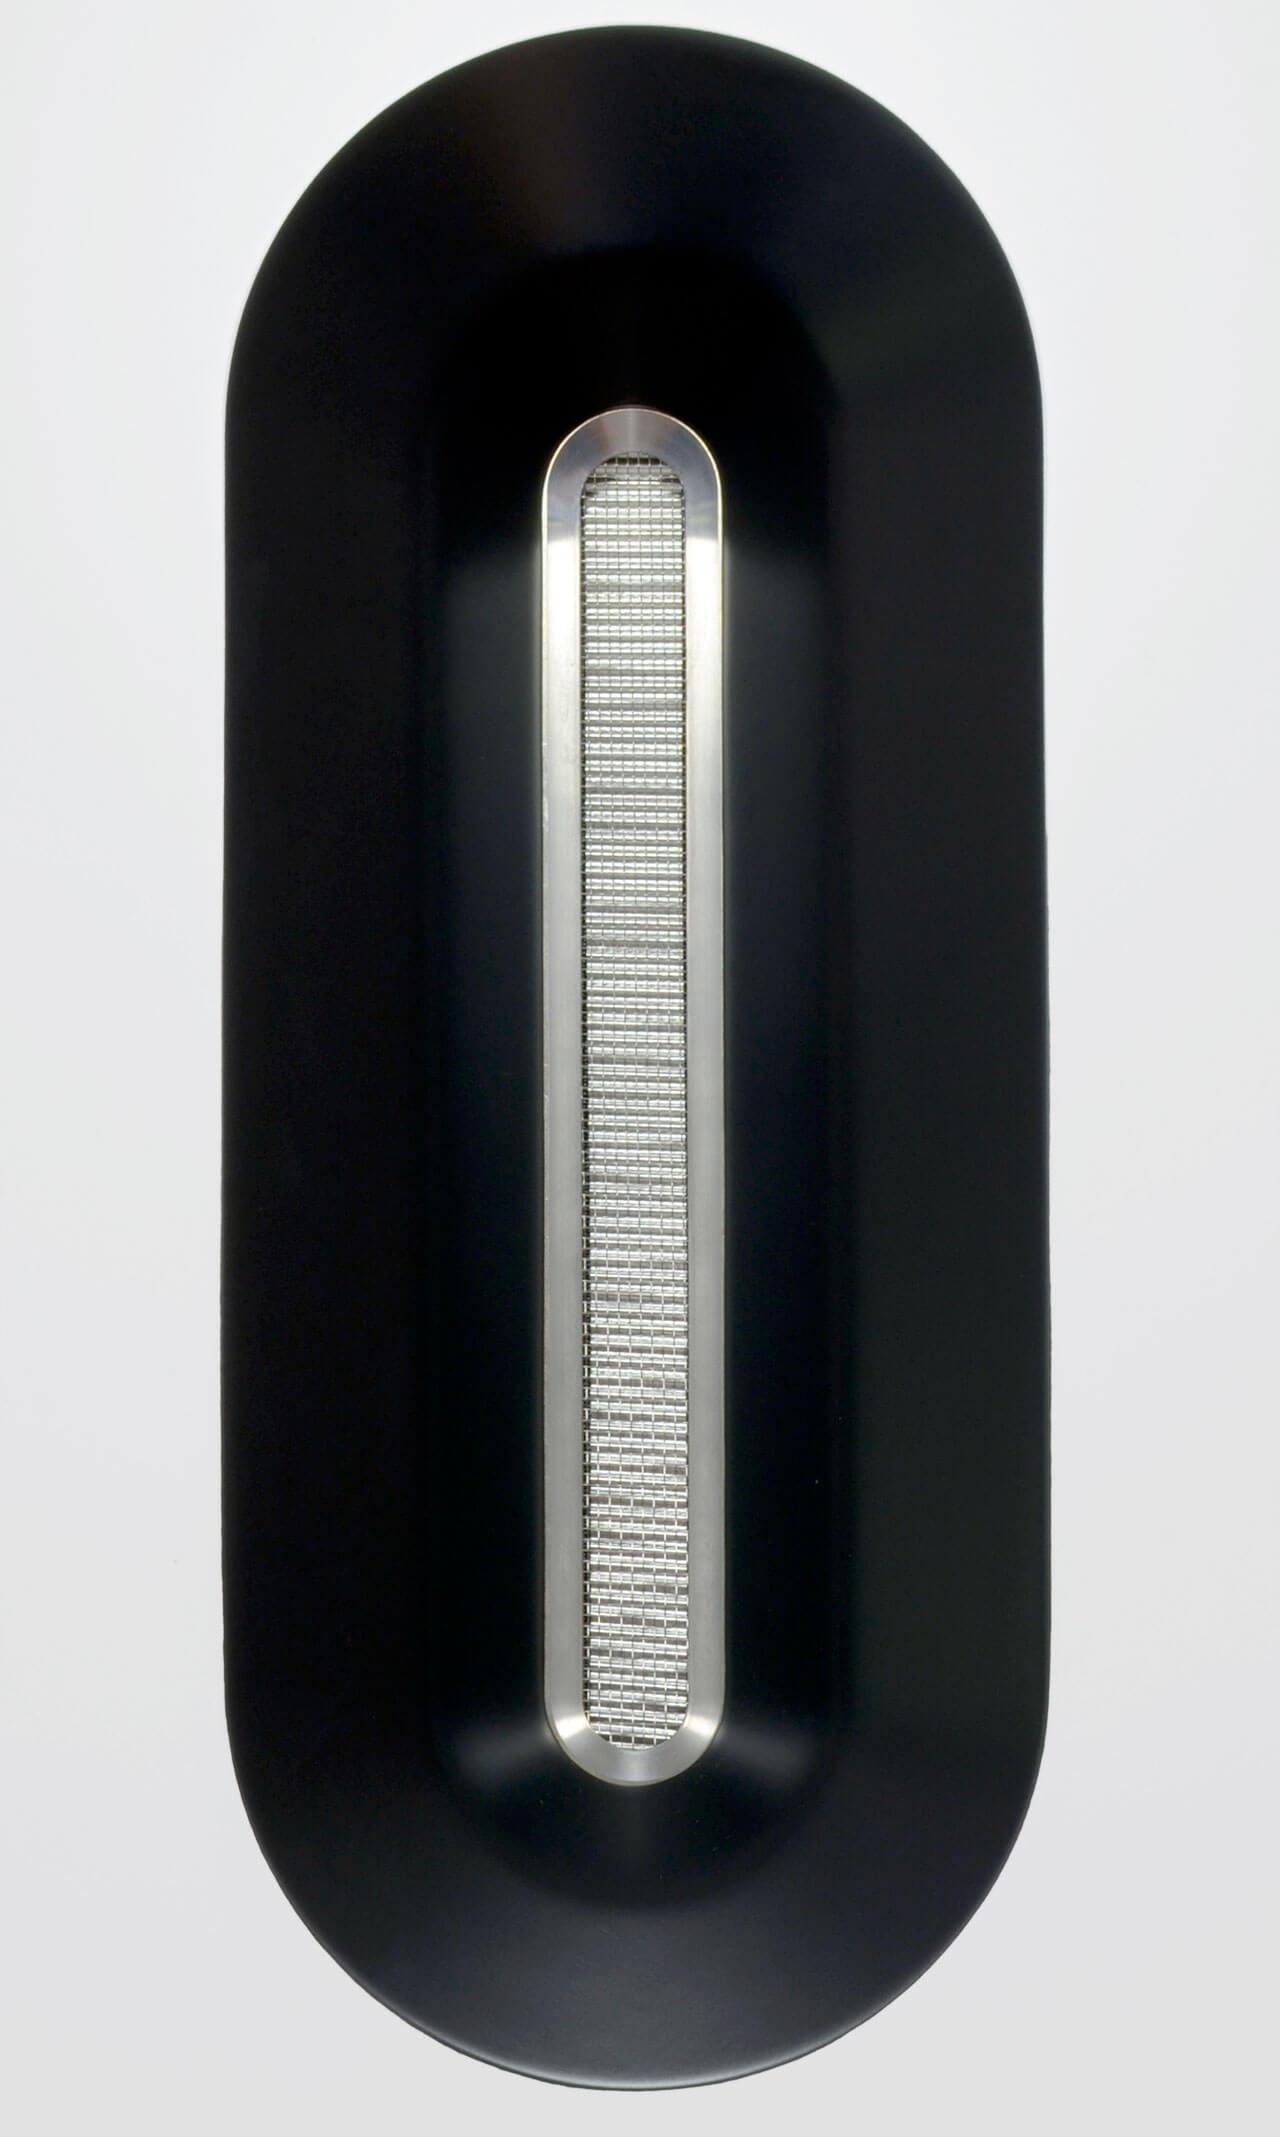 Man kann Bändchen auch größer bauen - das der Bohne Audio BB-10L ist 20Zentimeter lang und 14Millimeter breit